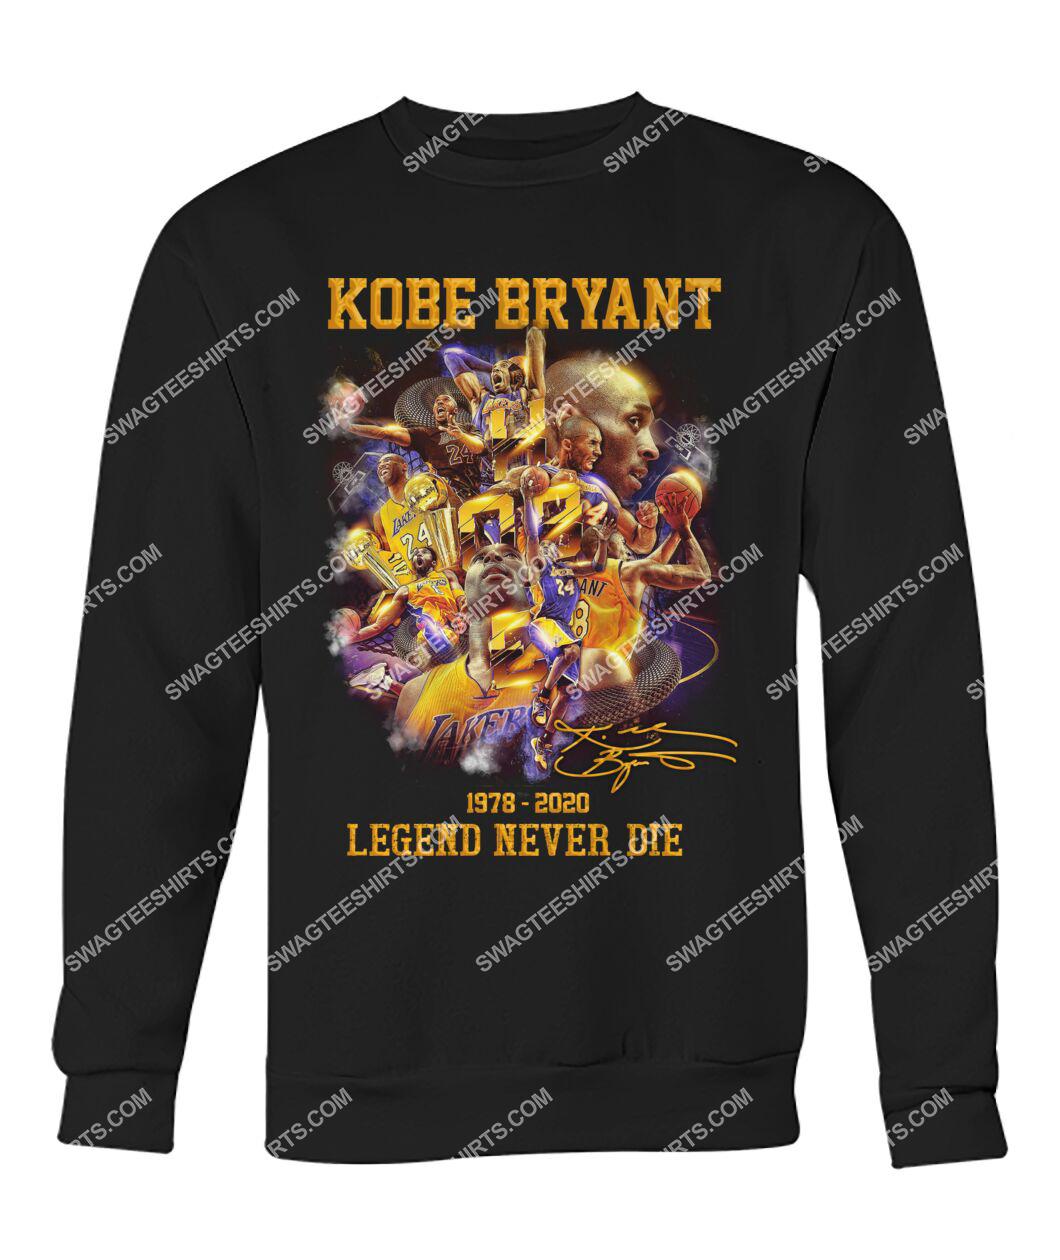 nba kobe bryant legends never die sweatshirt 1